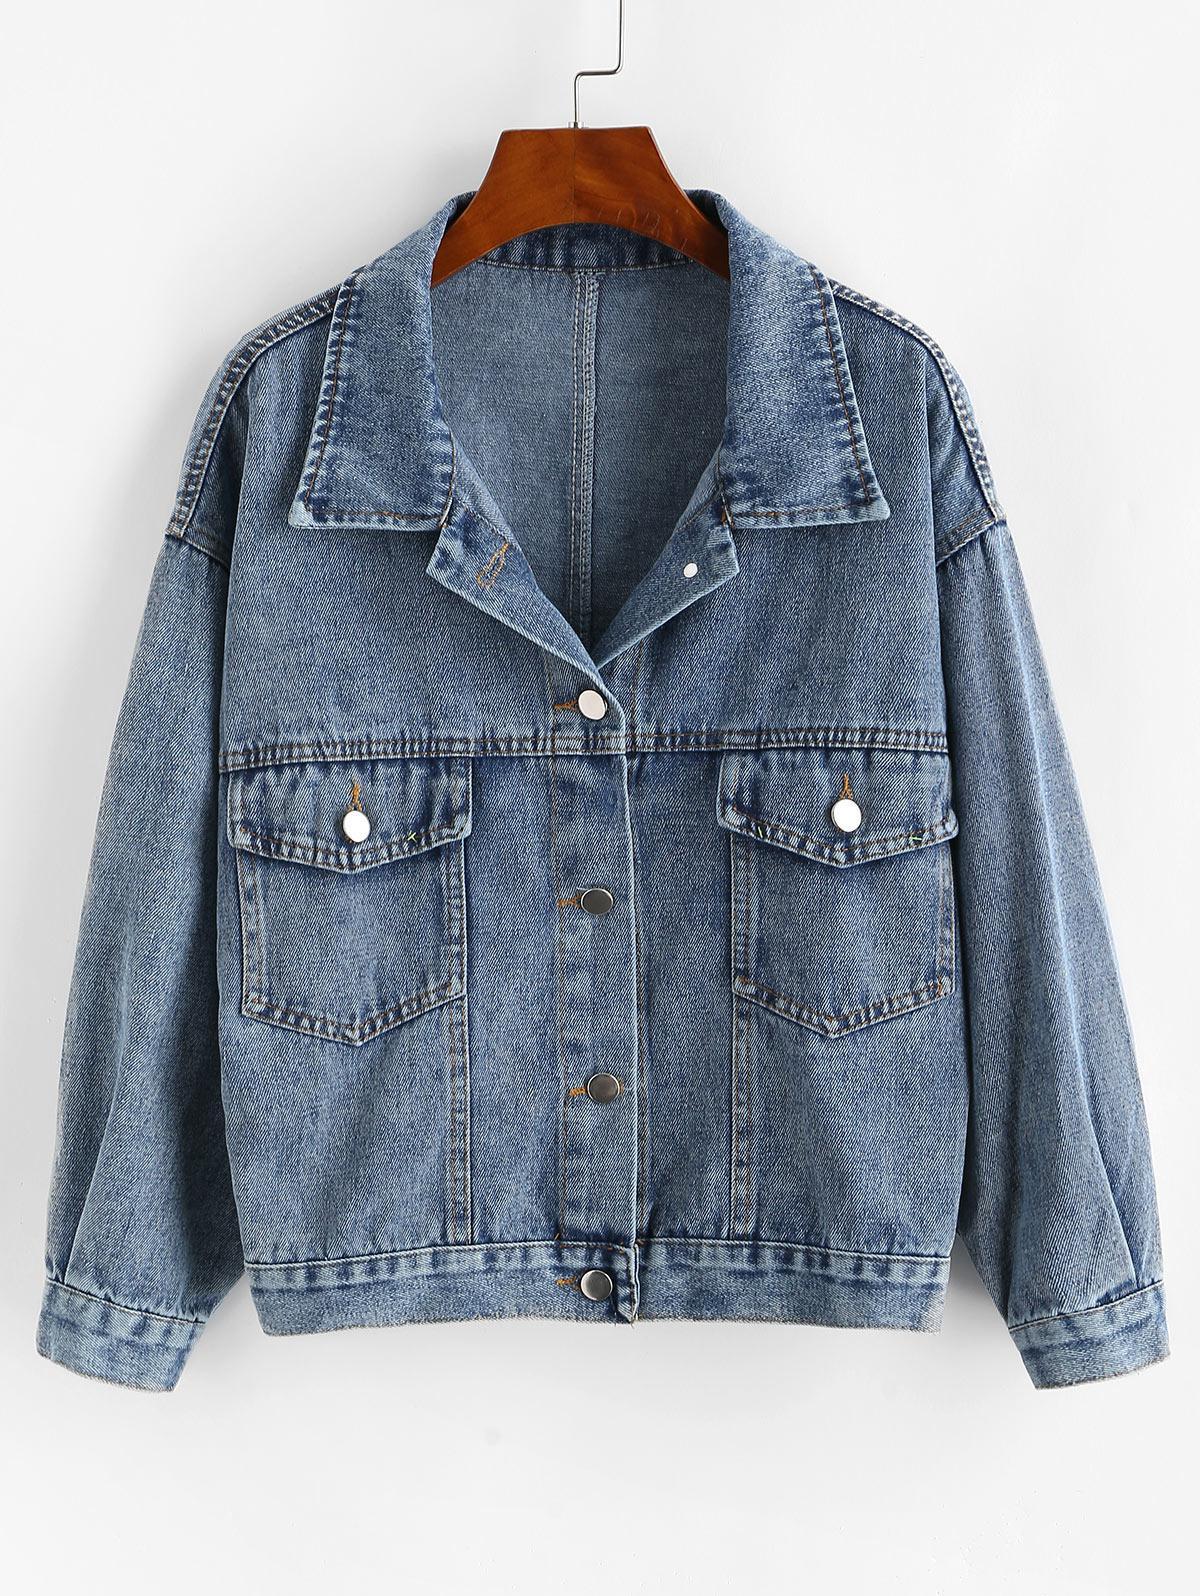 Drop Shoulder Pocket Button Up Denim Jacket